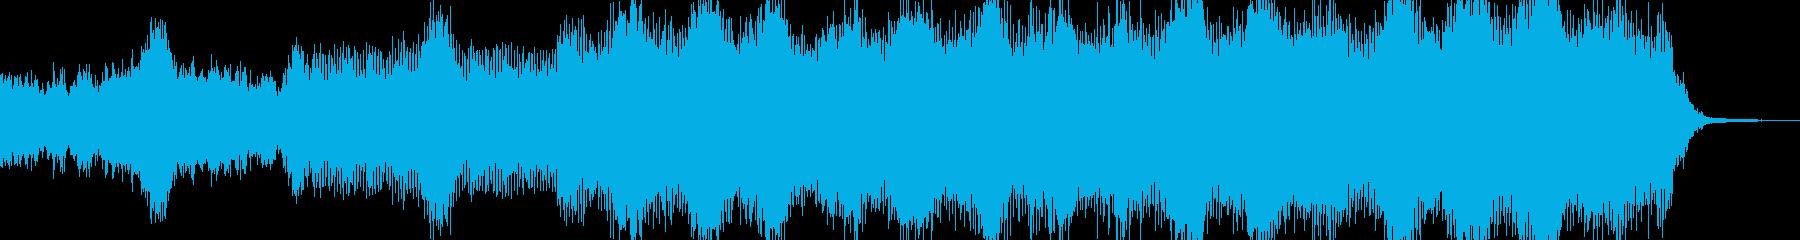 アンデッド・血生臭いホラーを演出 B2の再生済みの波形